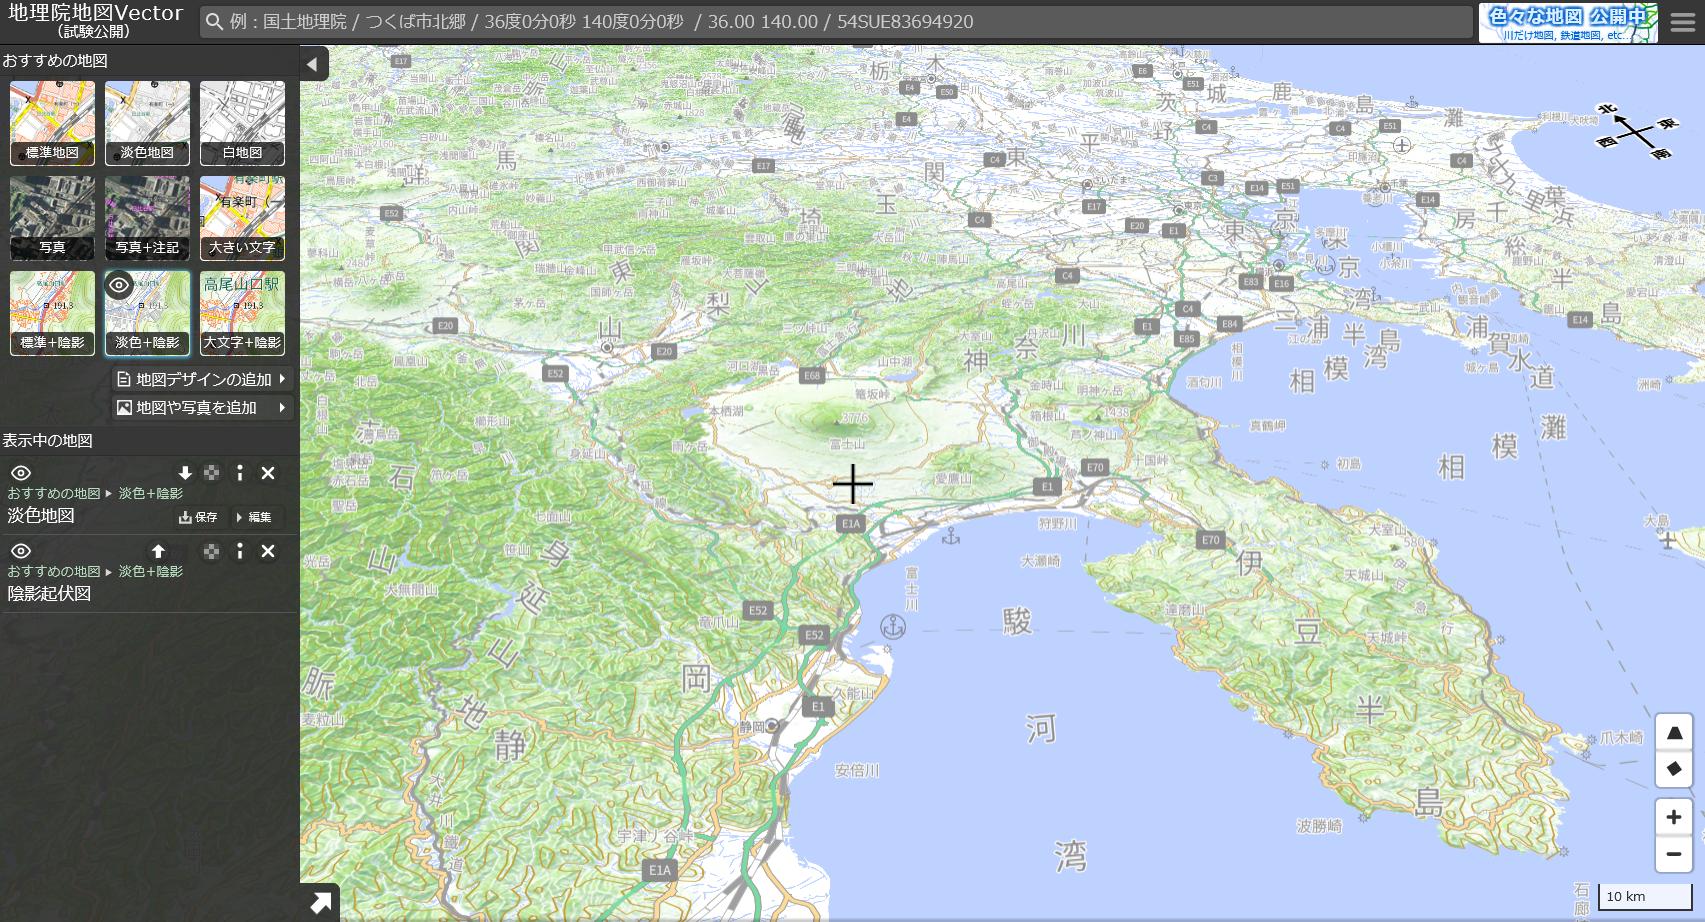 地理院地図Vector夏休みの自由研究におすすめ! 国土地理院の「地理院地図Vector」で自分の地図をデザインしてみよう!